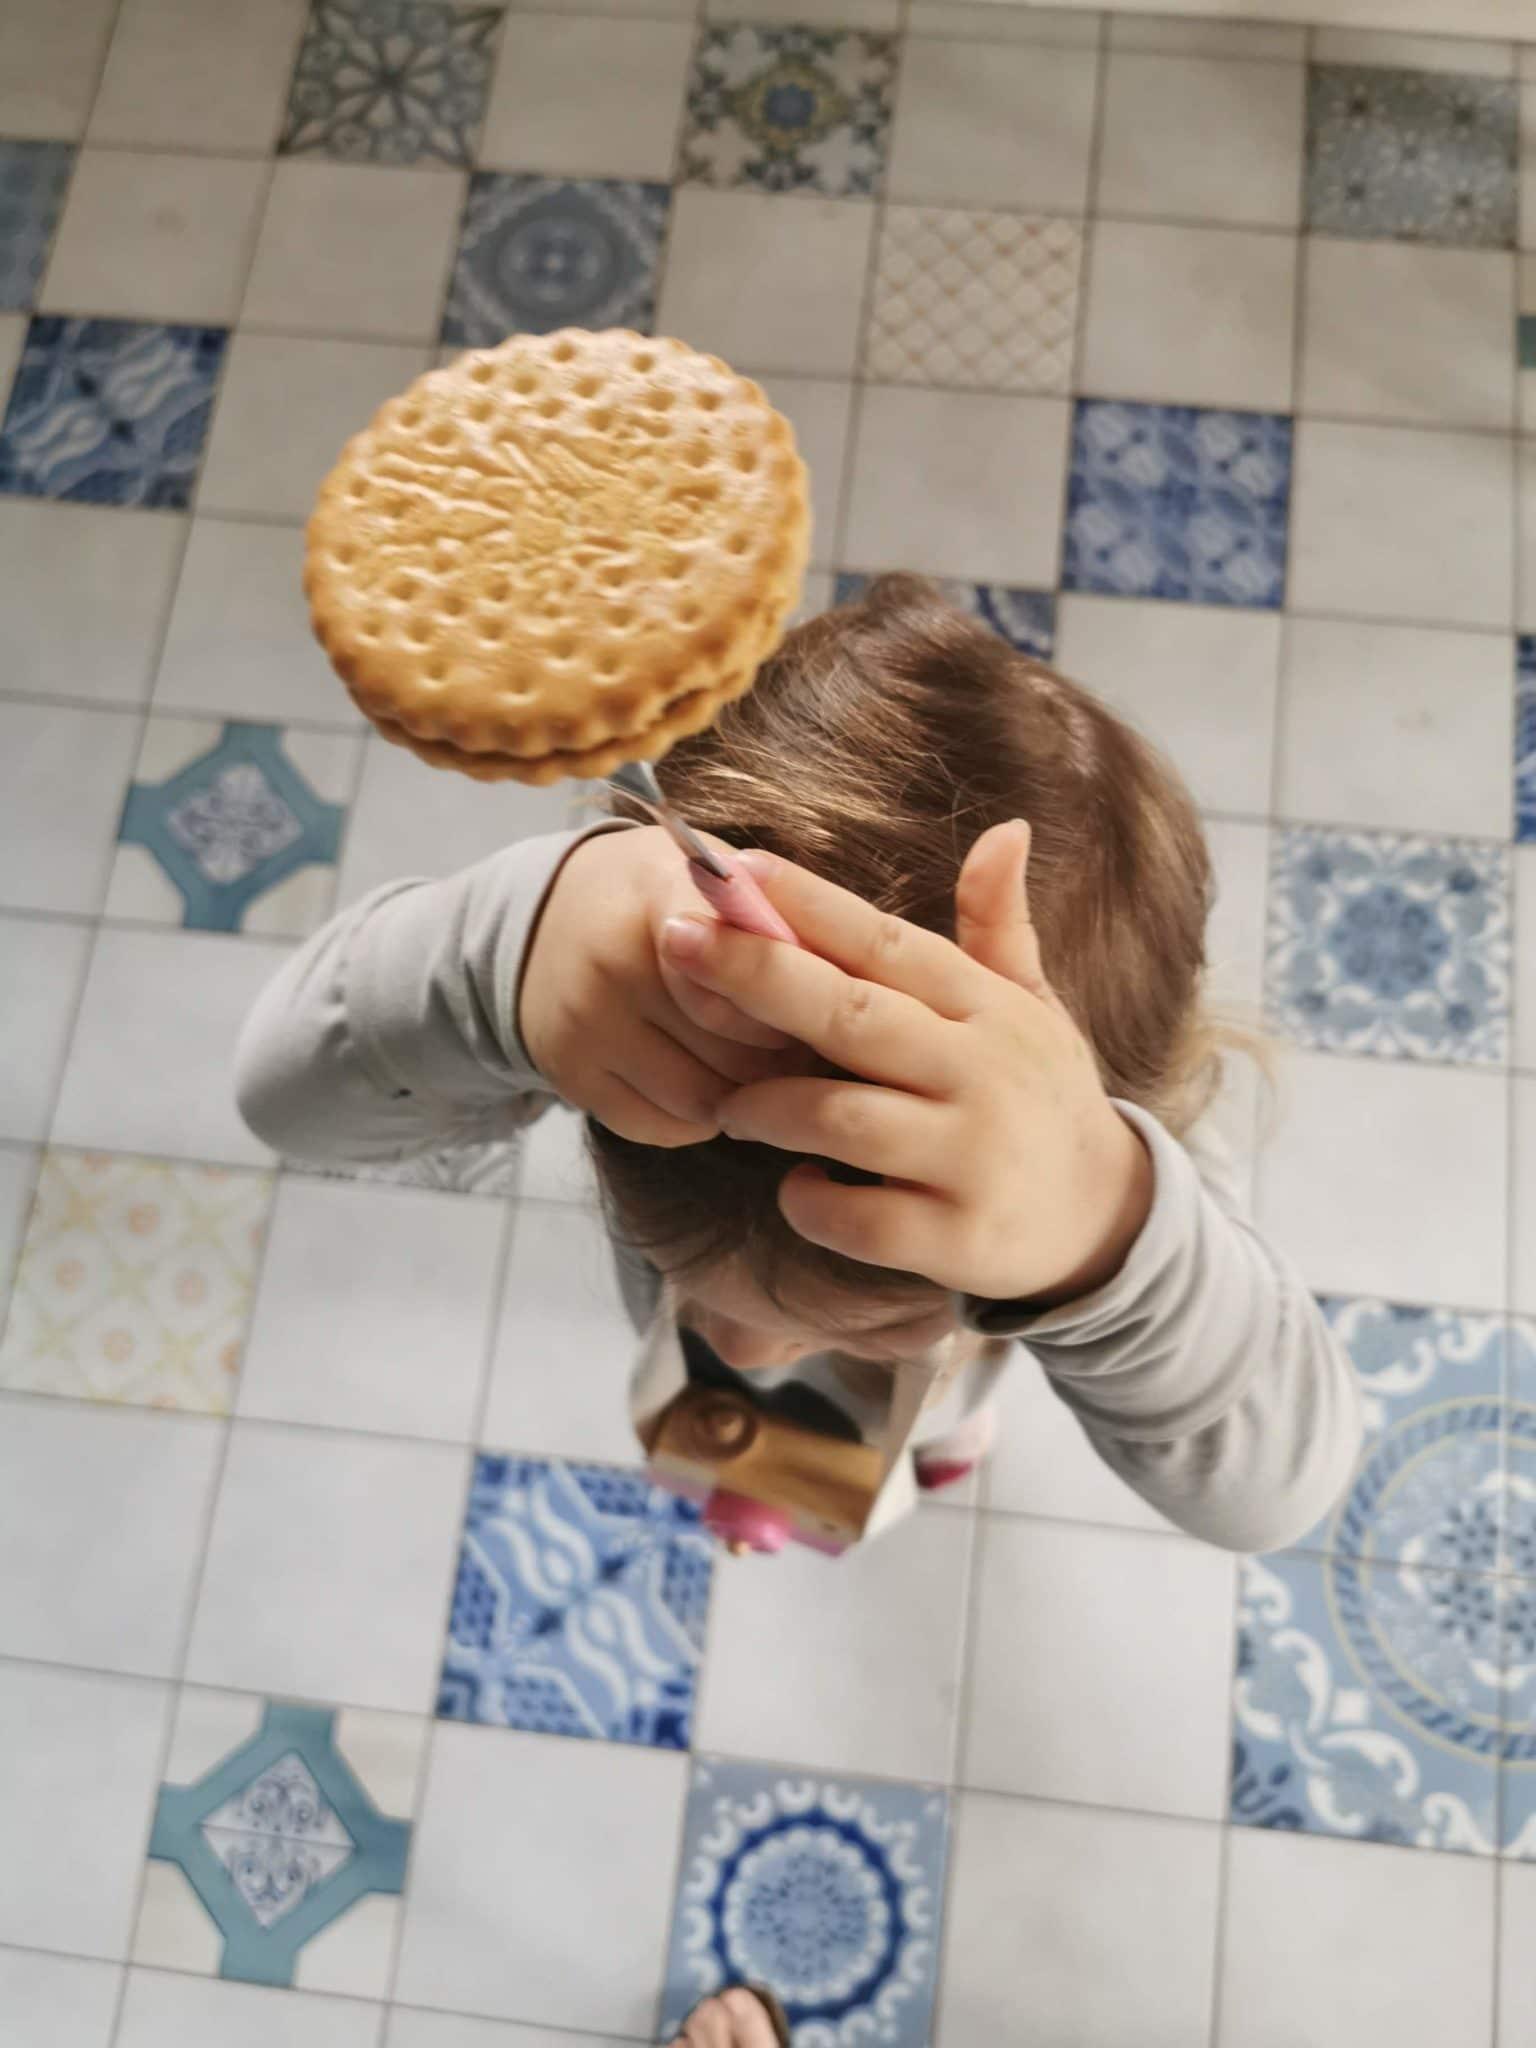 Hallo Sonntag. Wir balancieren Kekse durch die Gegend.